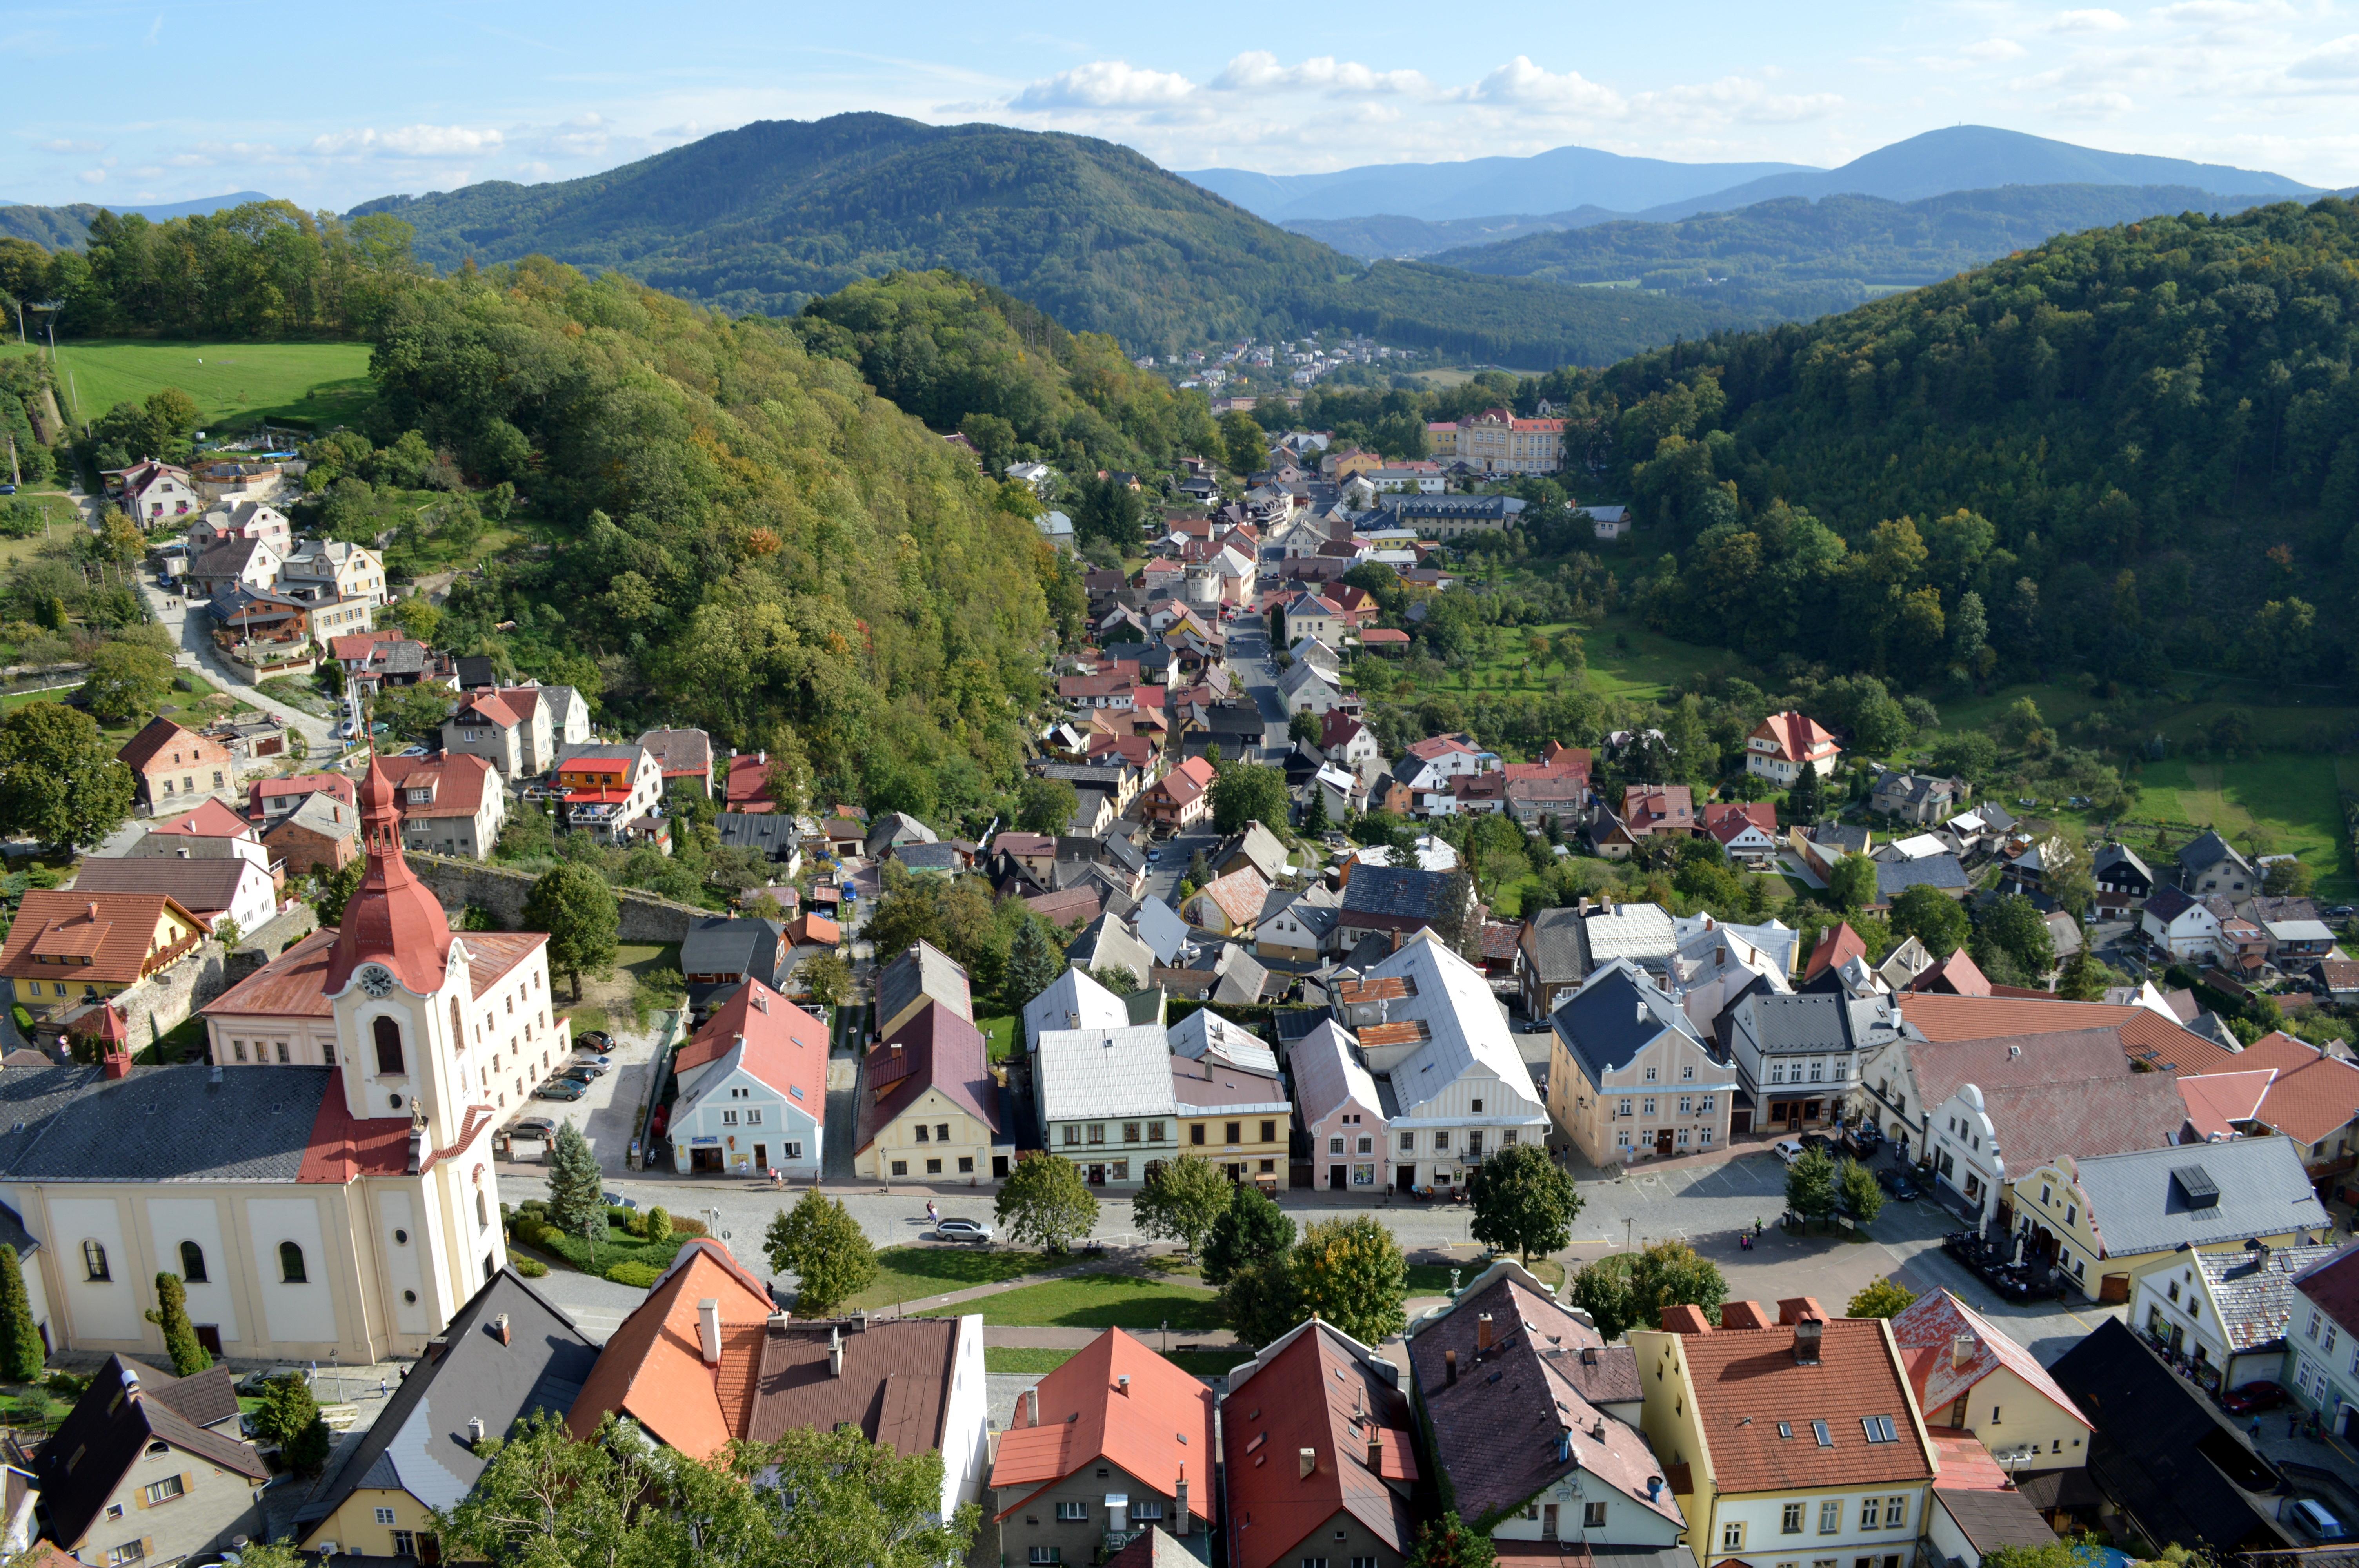 populairste blogs: dorpjes van moravie tsjechie